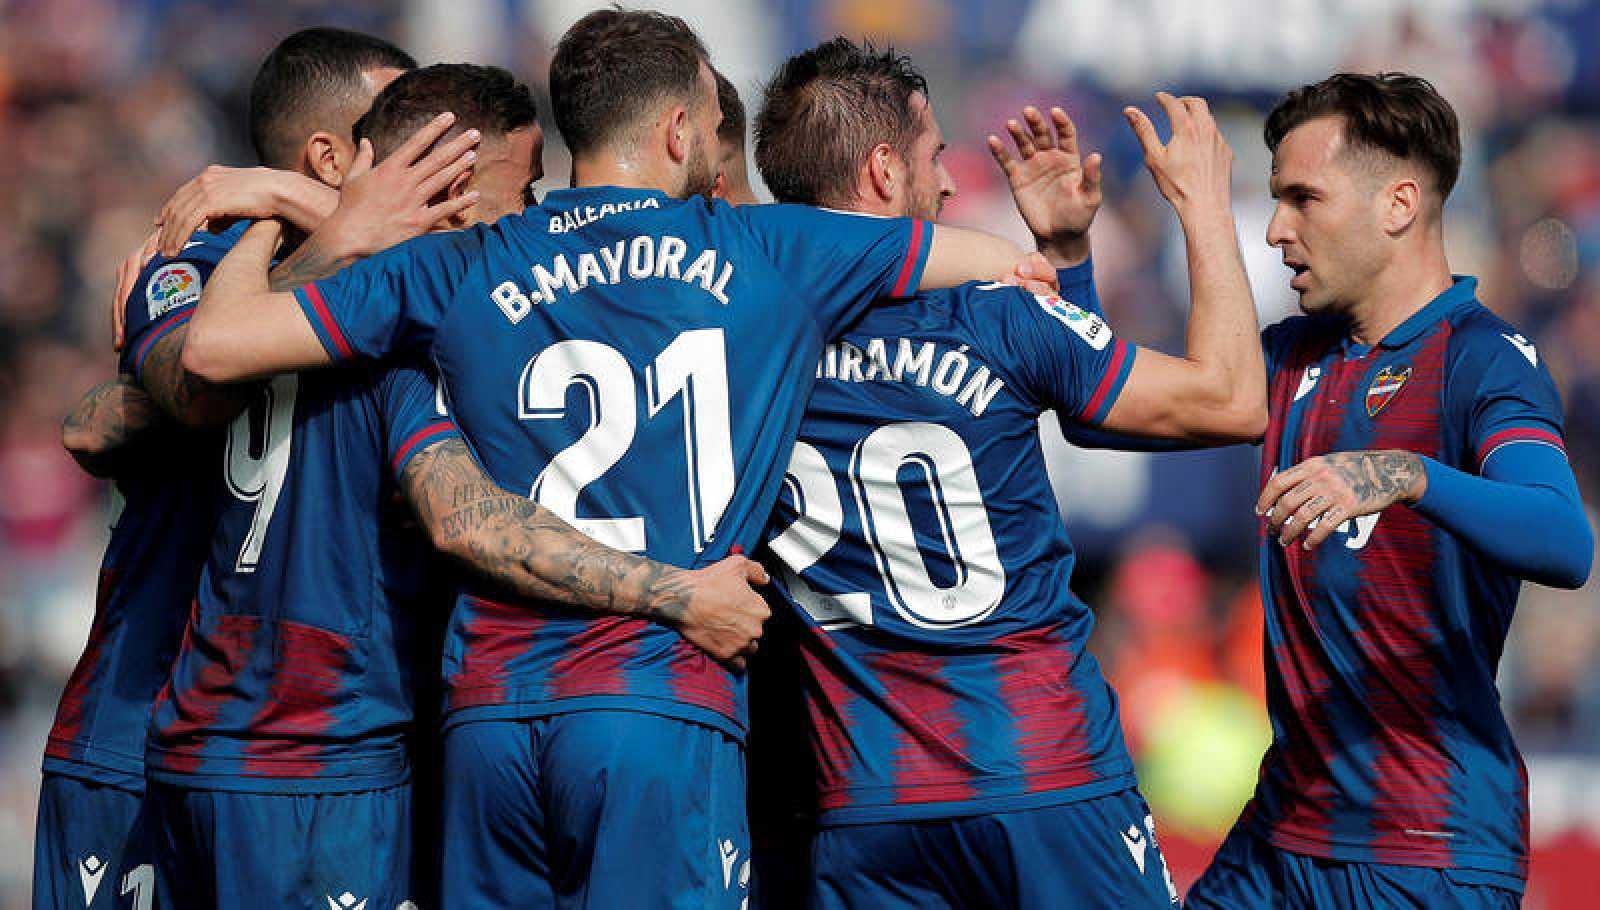 Los jugadores del Levante celebran el gol del delantero Roger Martí ante el Leganés.